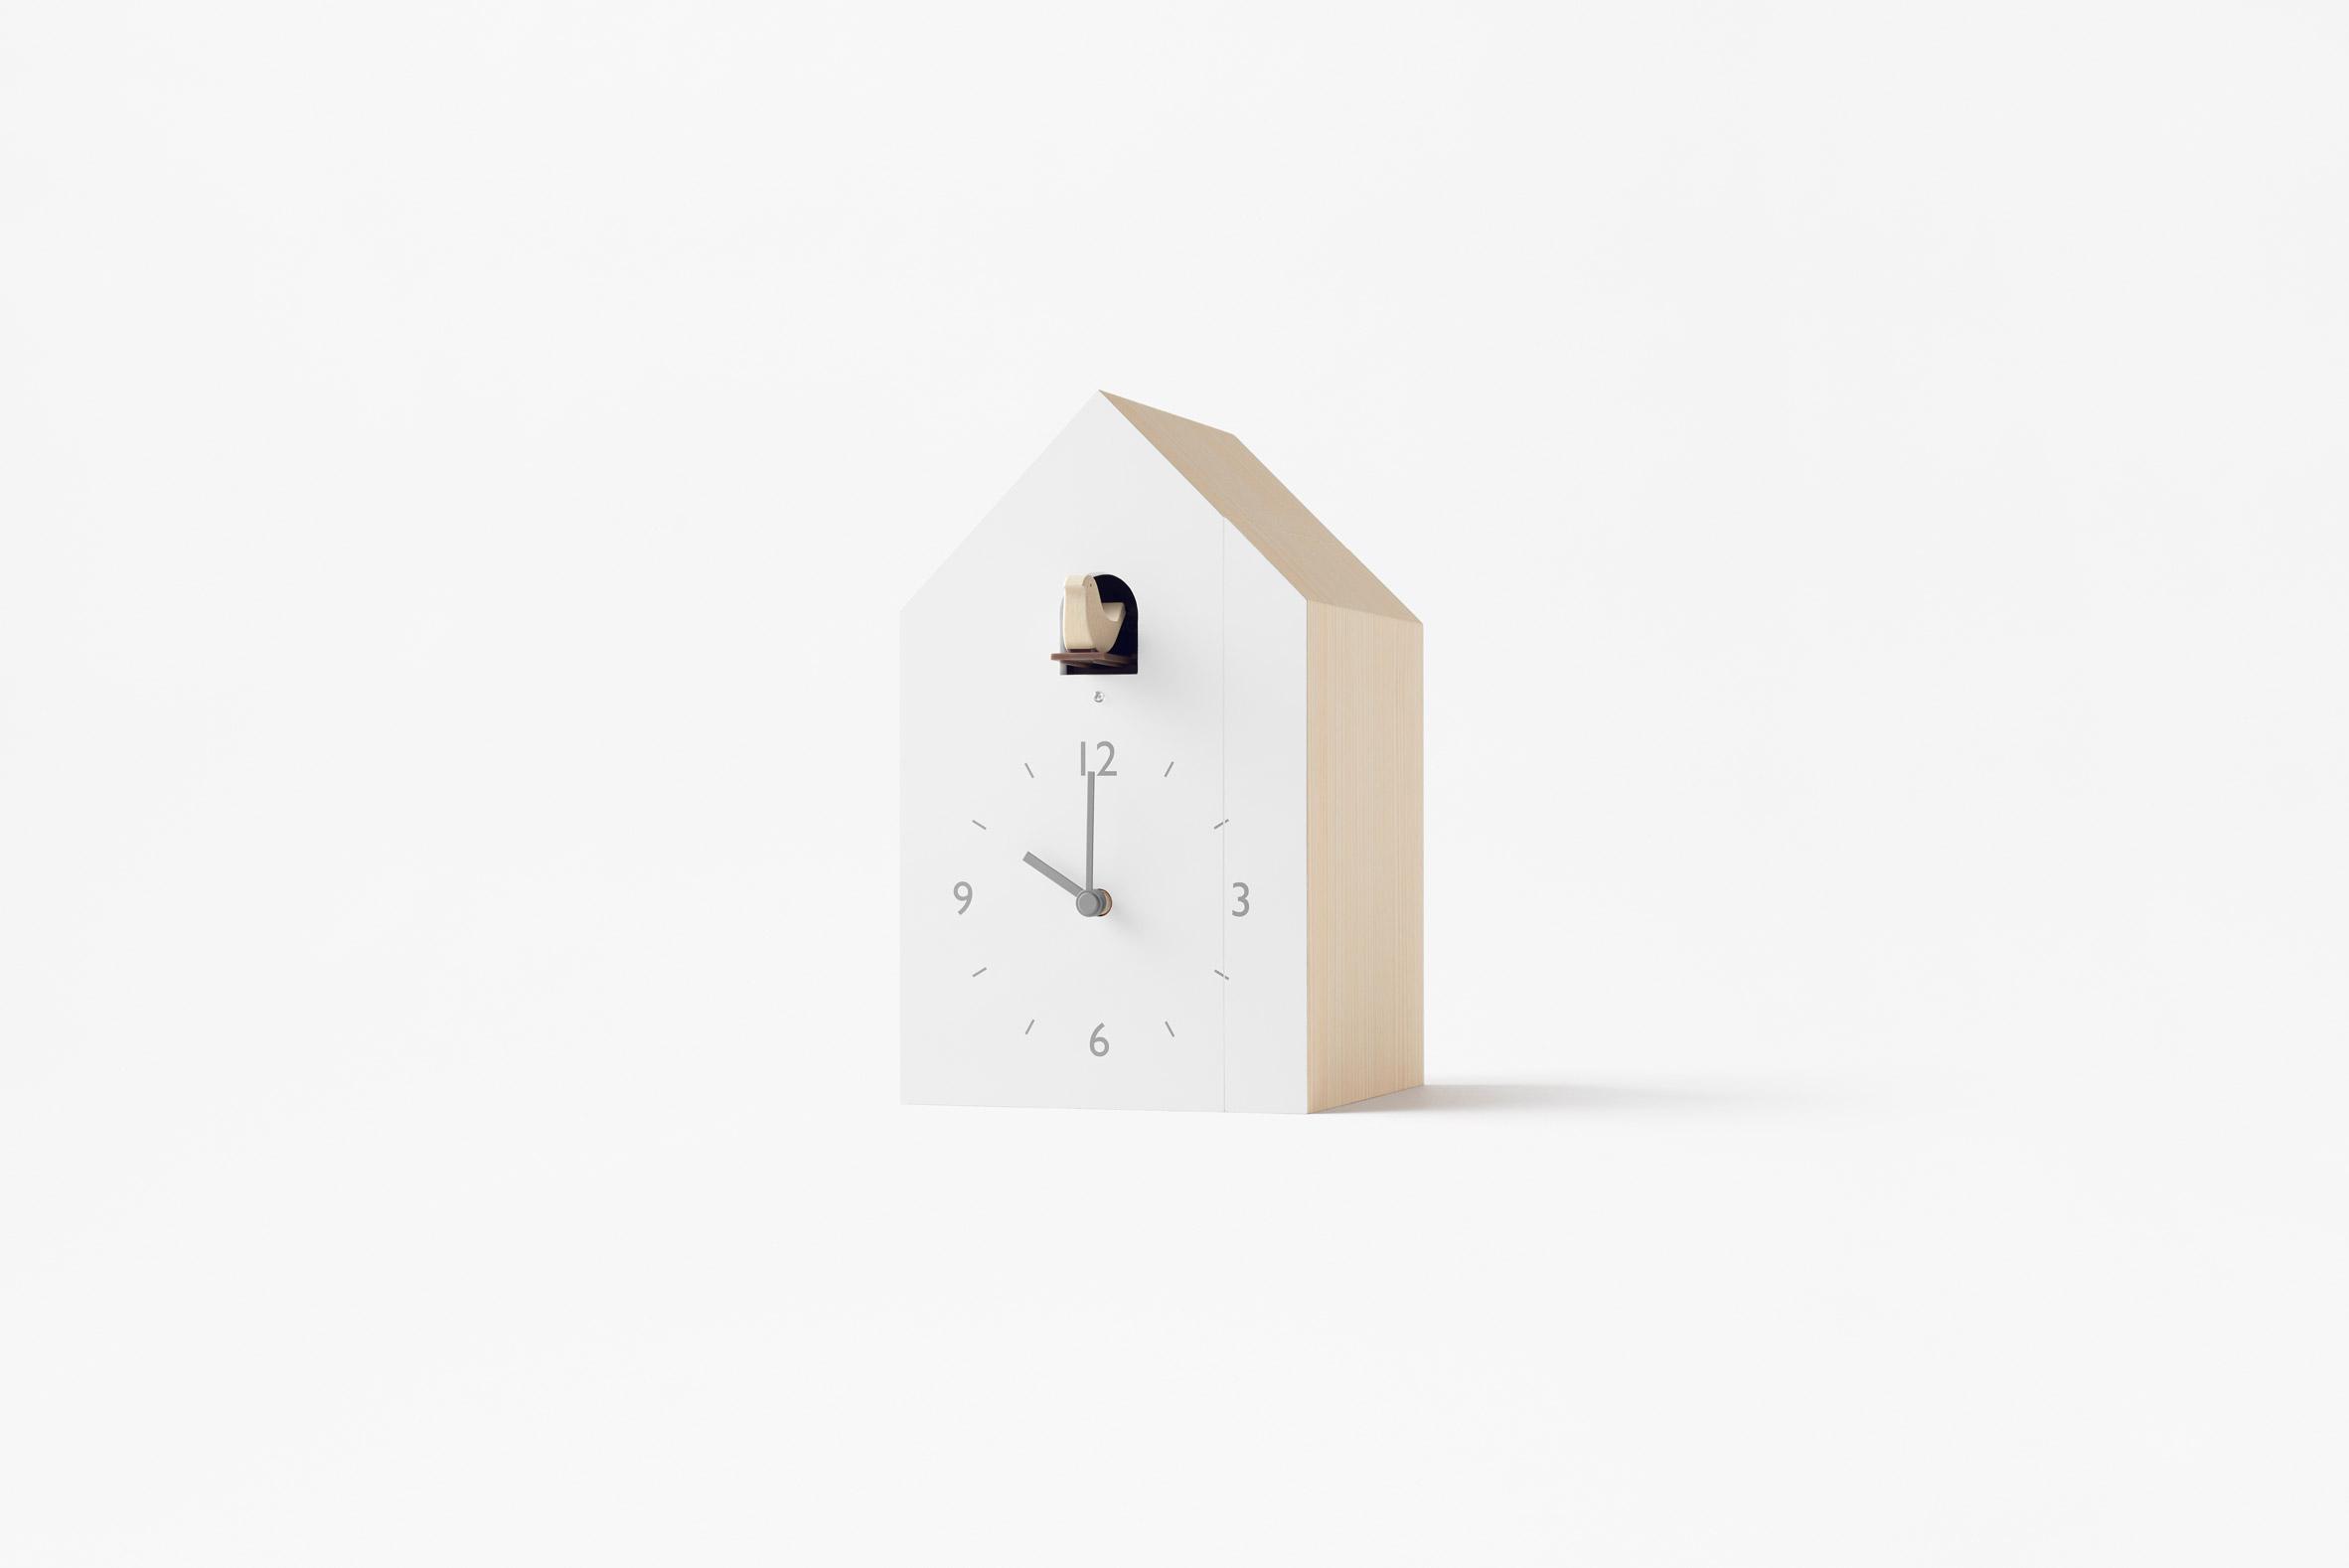 nendo-cuckoo-clocks-noko-06.jpg